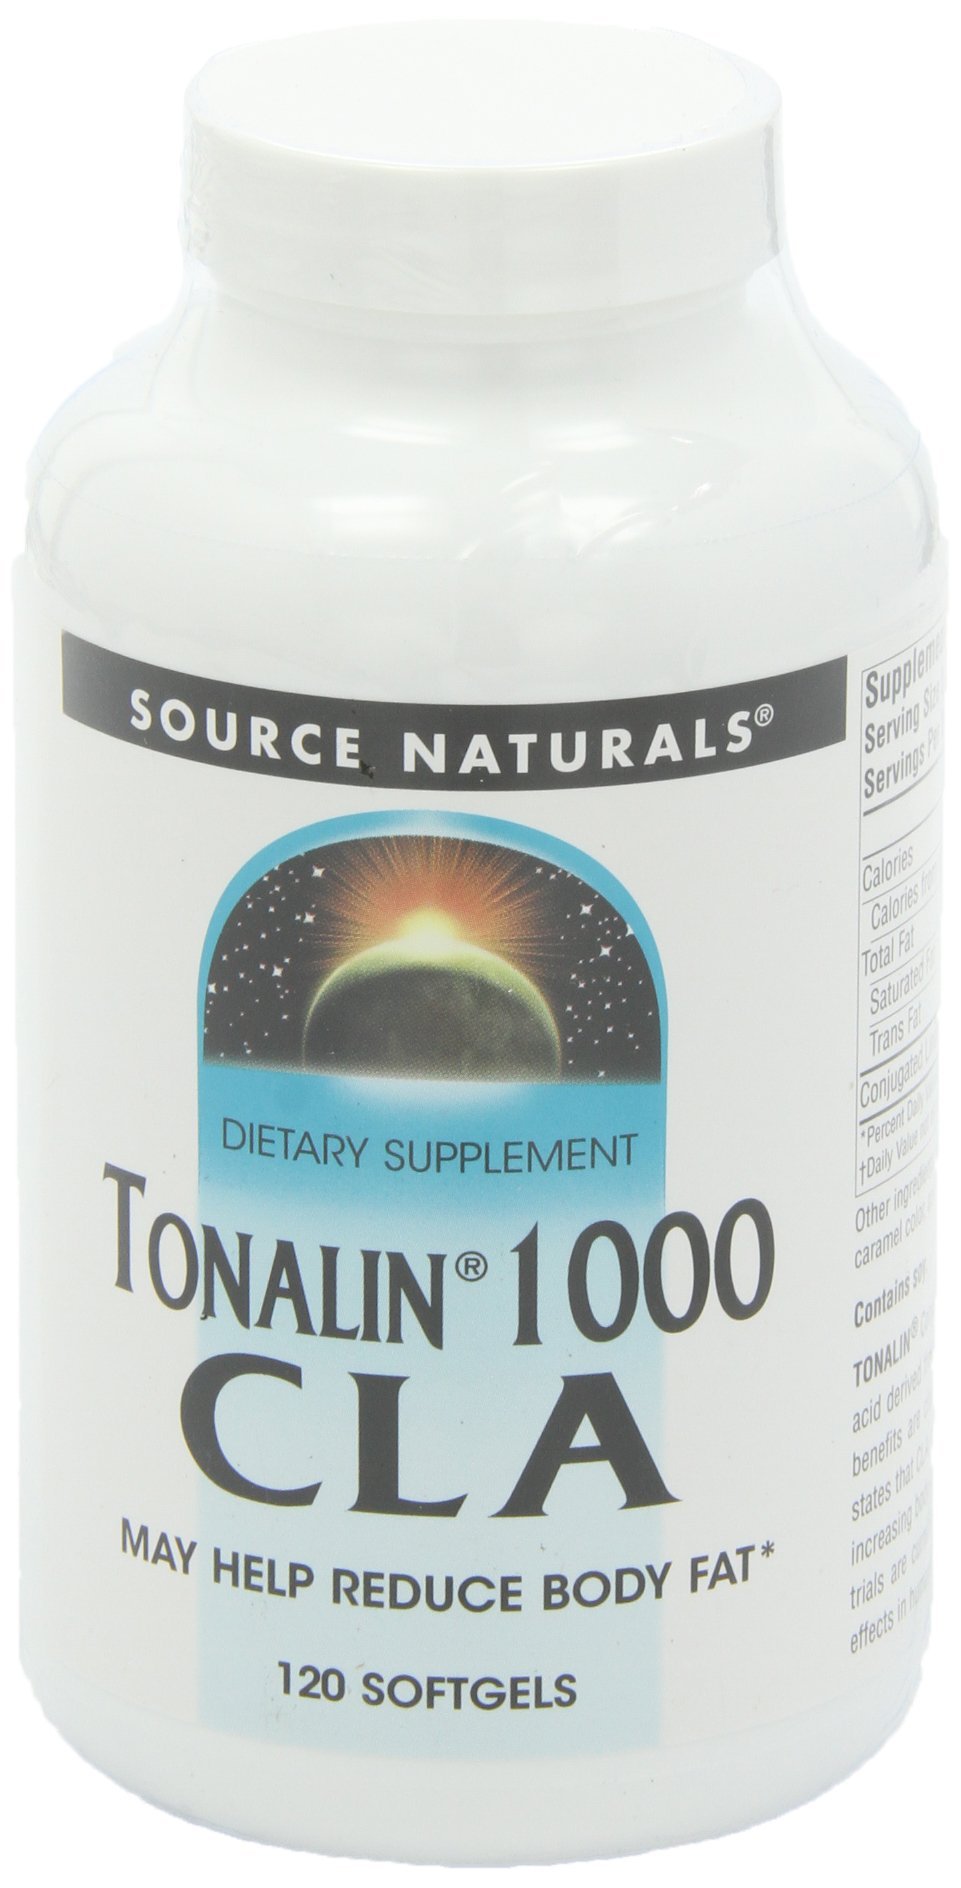 Source Naturals Tonalin CLA, 1000mg, 120 Softgels by Source Naturals